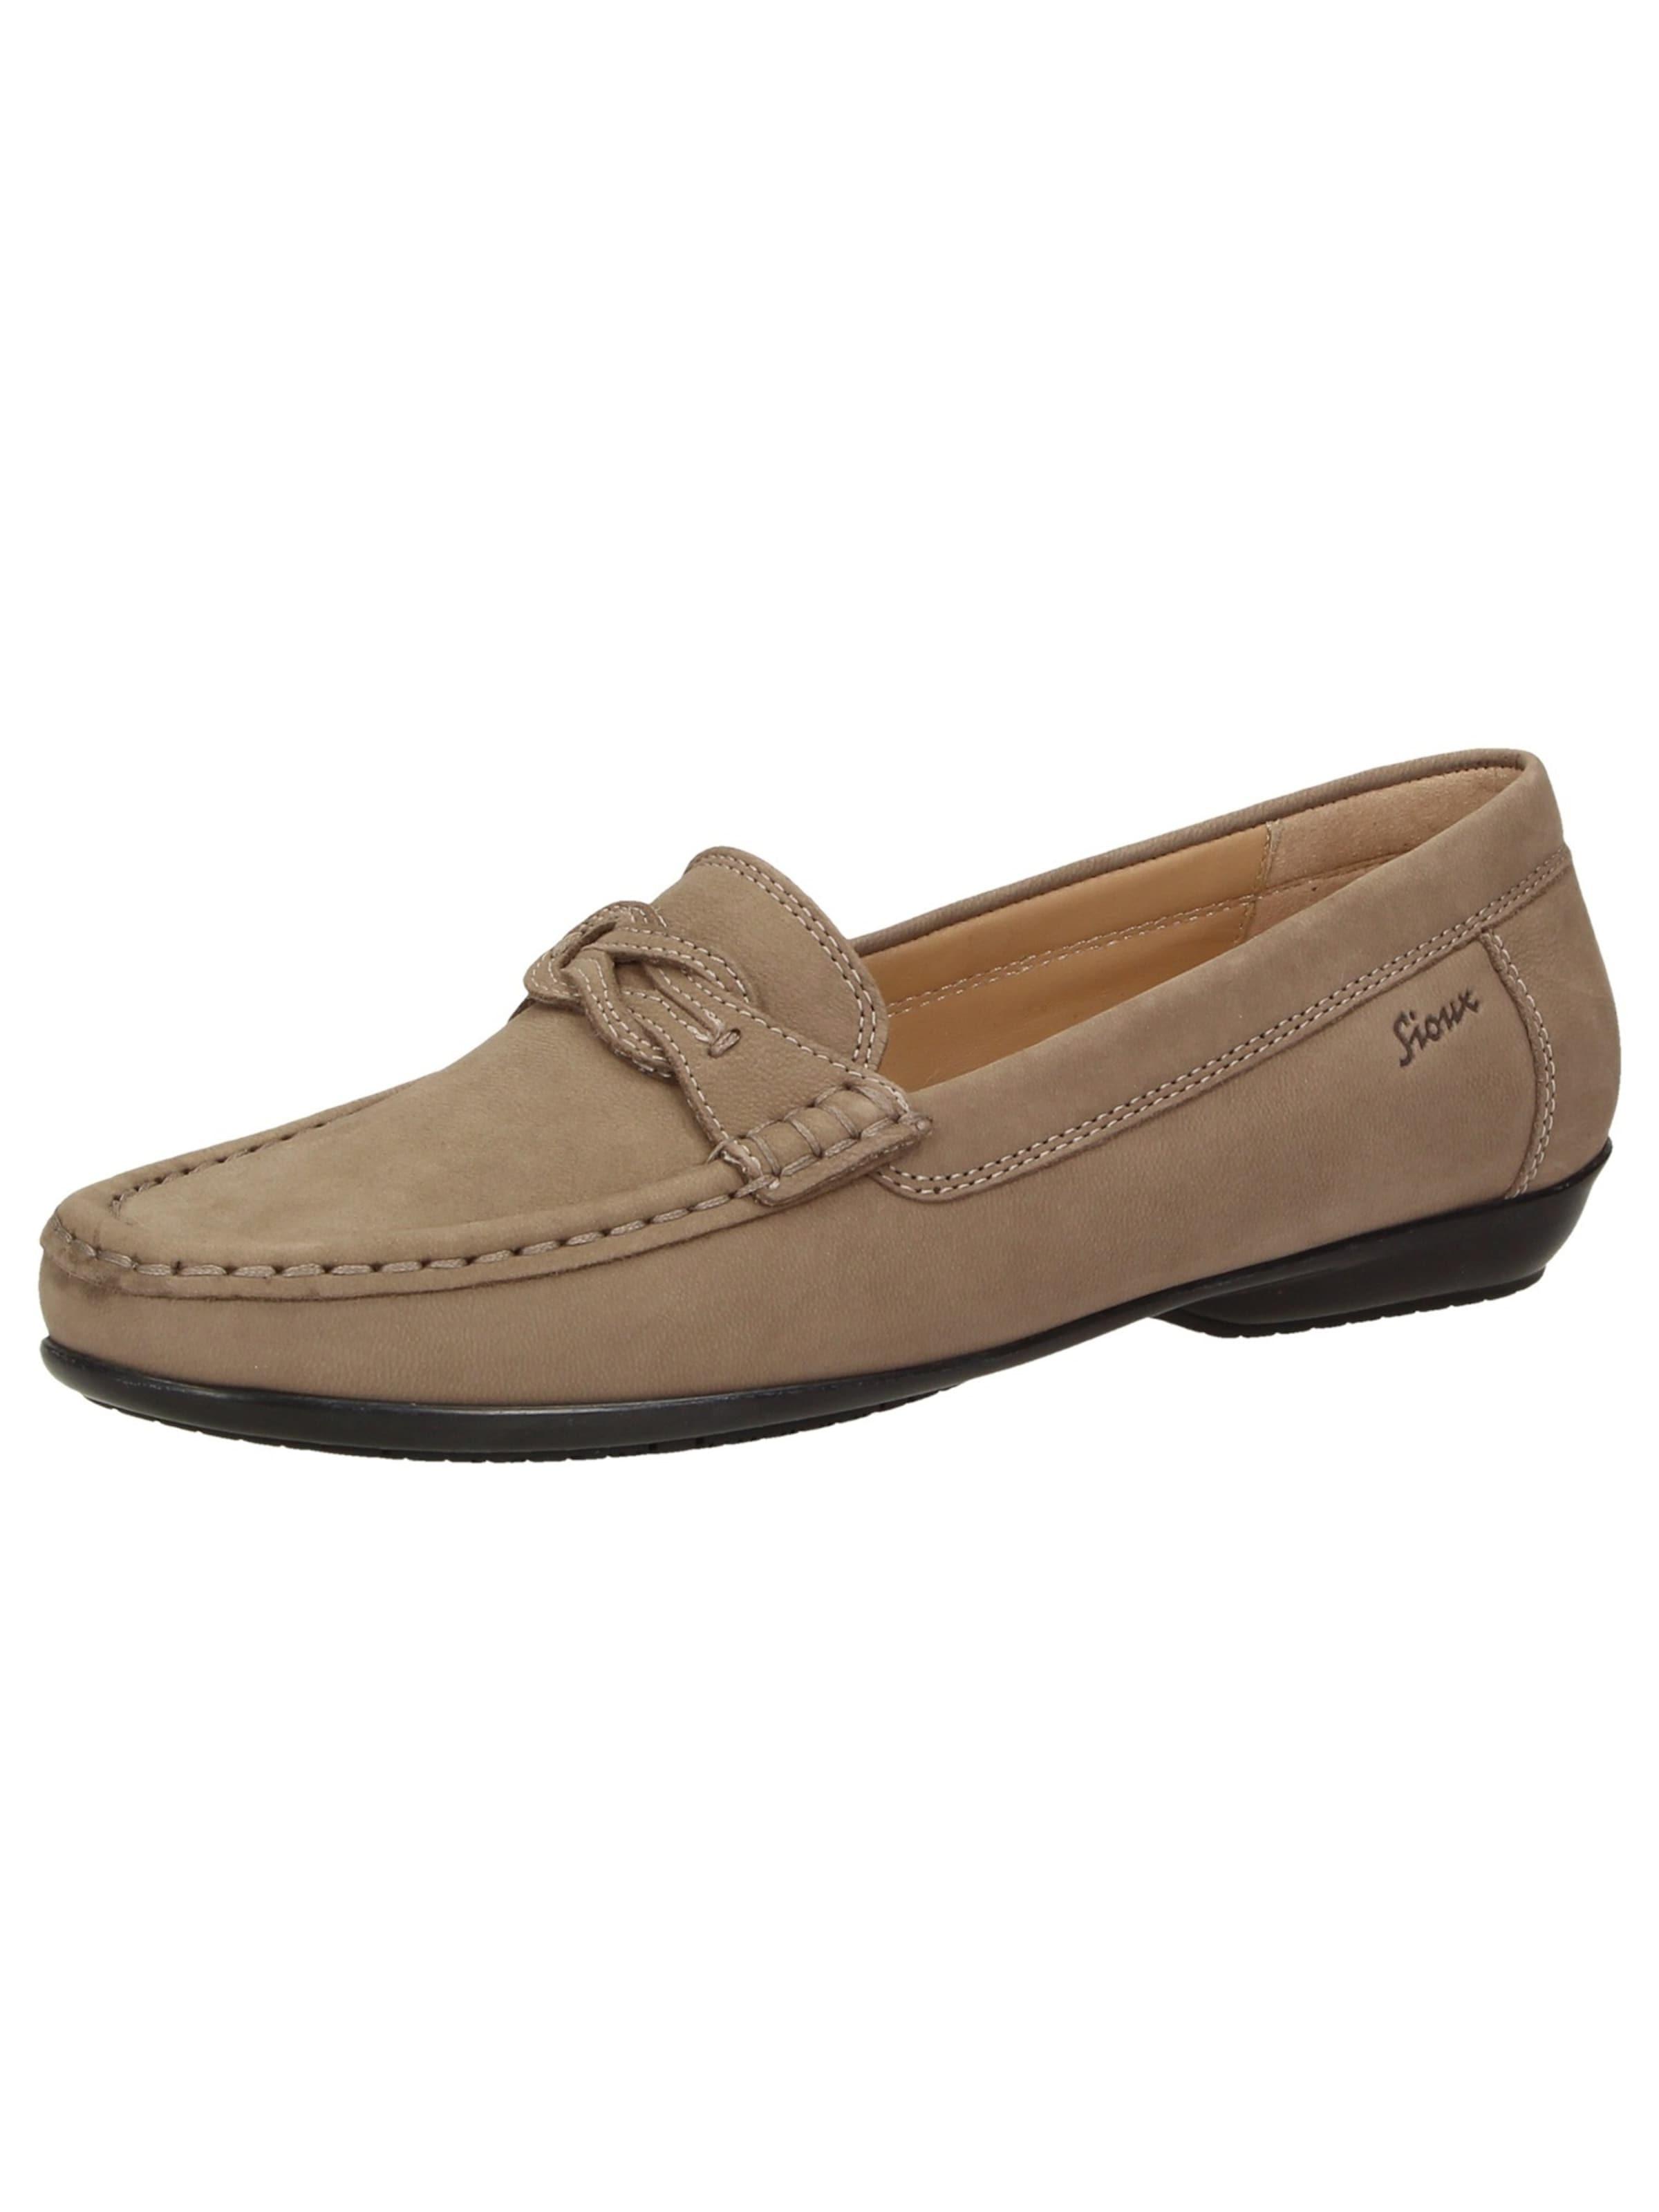 SIOUX Slipper Cosetta Verschleißfeste billige Schuhe